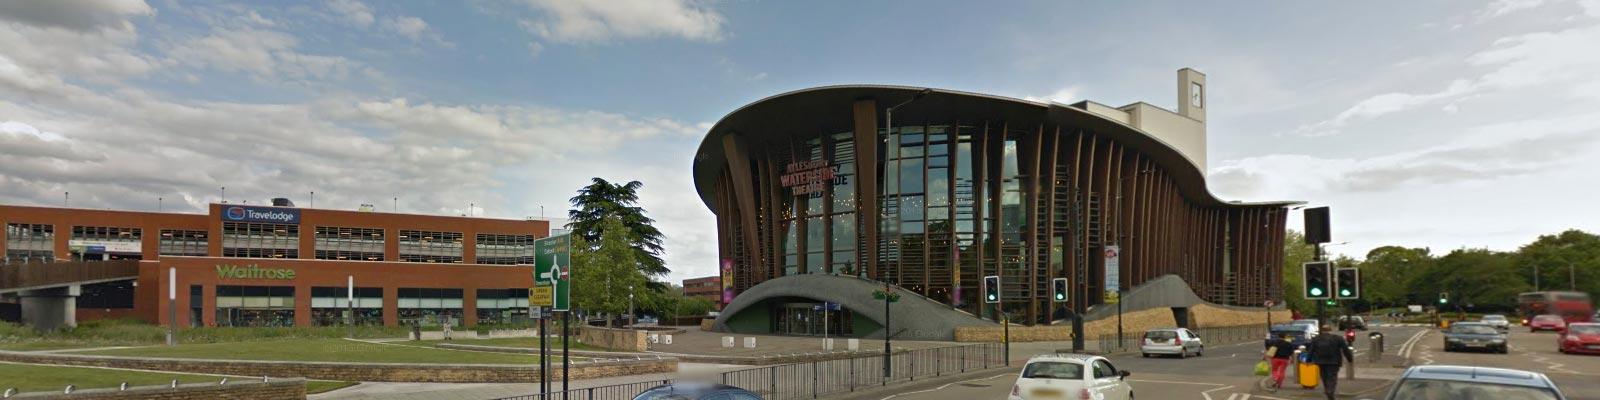 The Waterside Theatre, Aylesbury